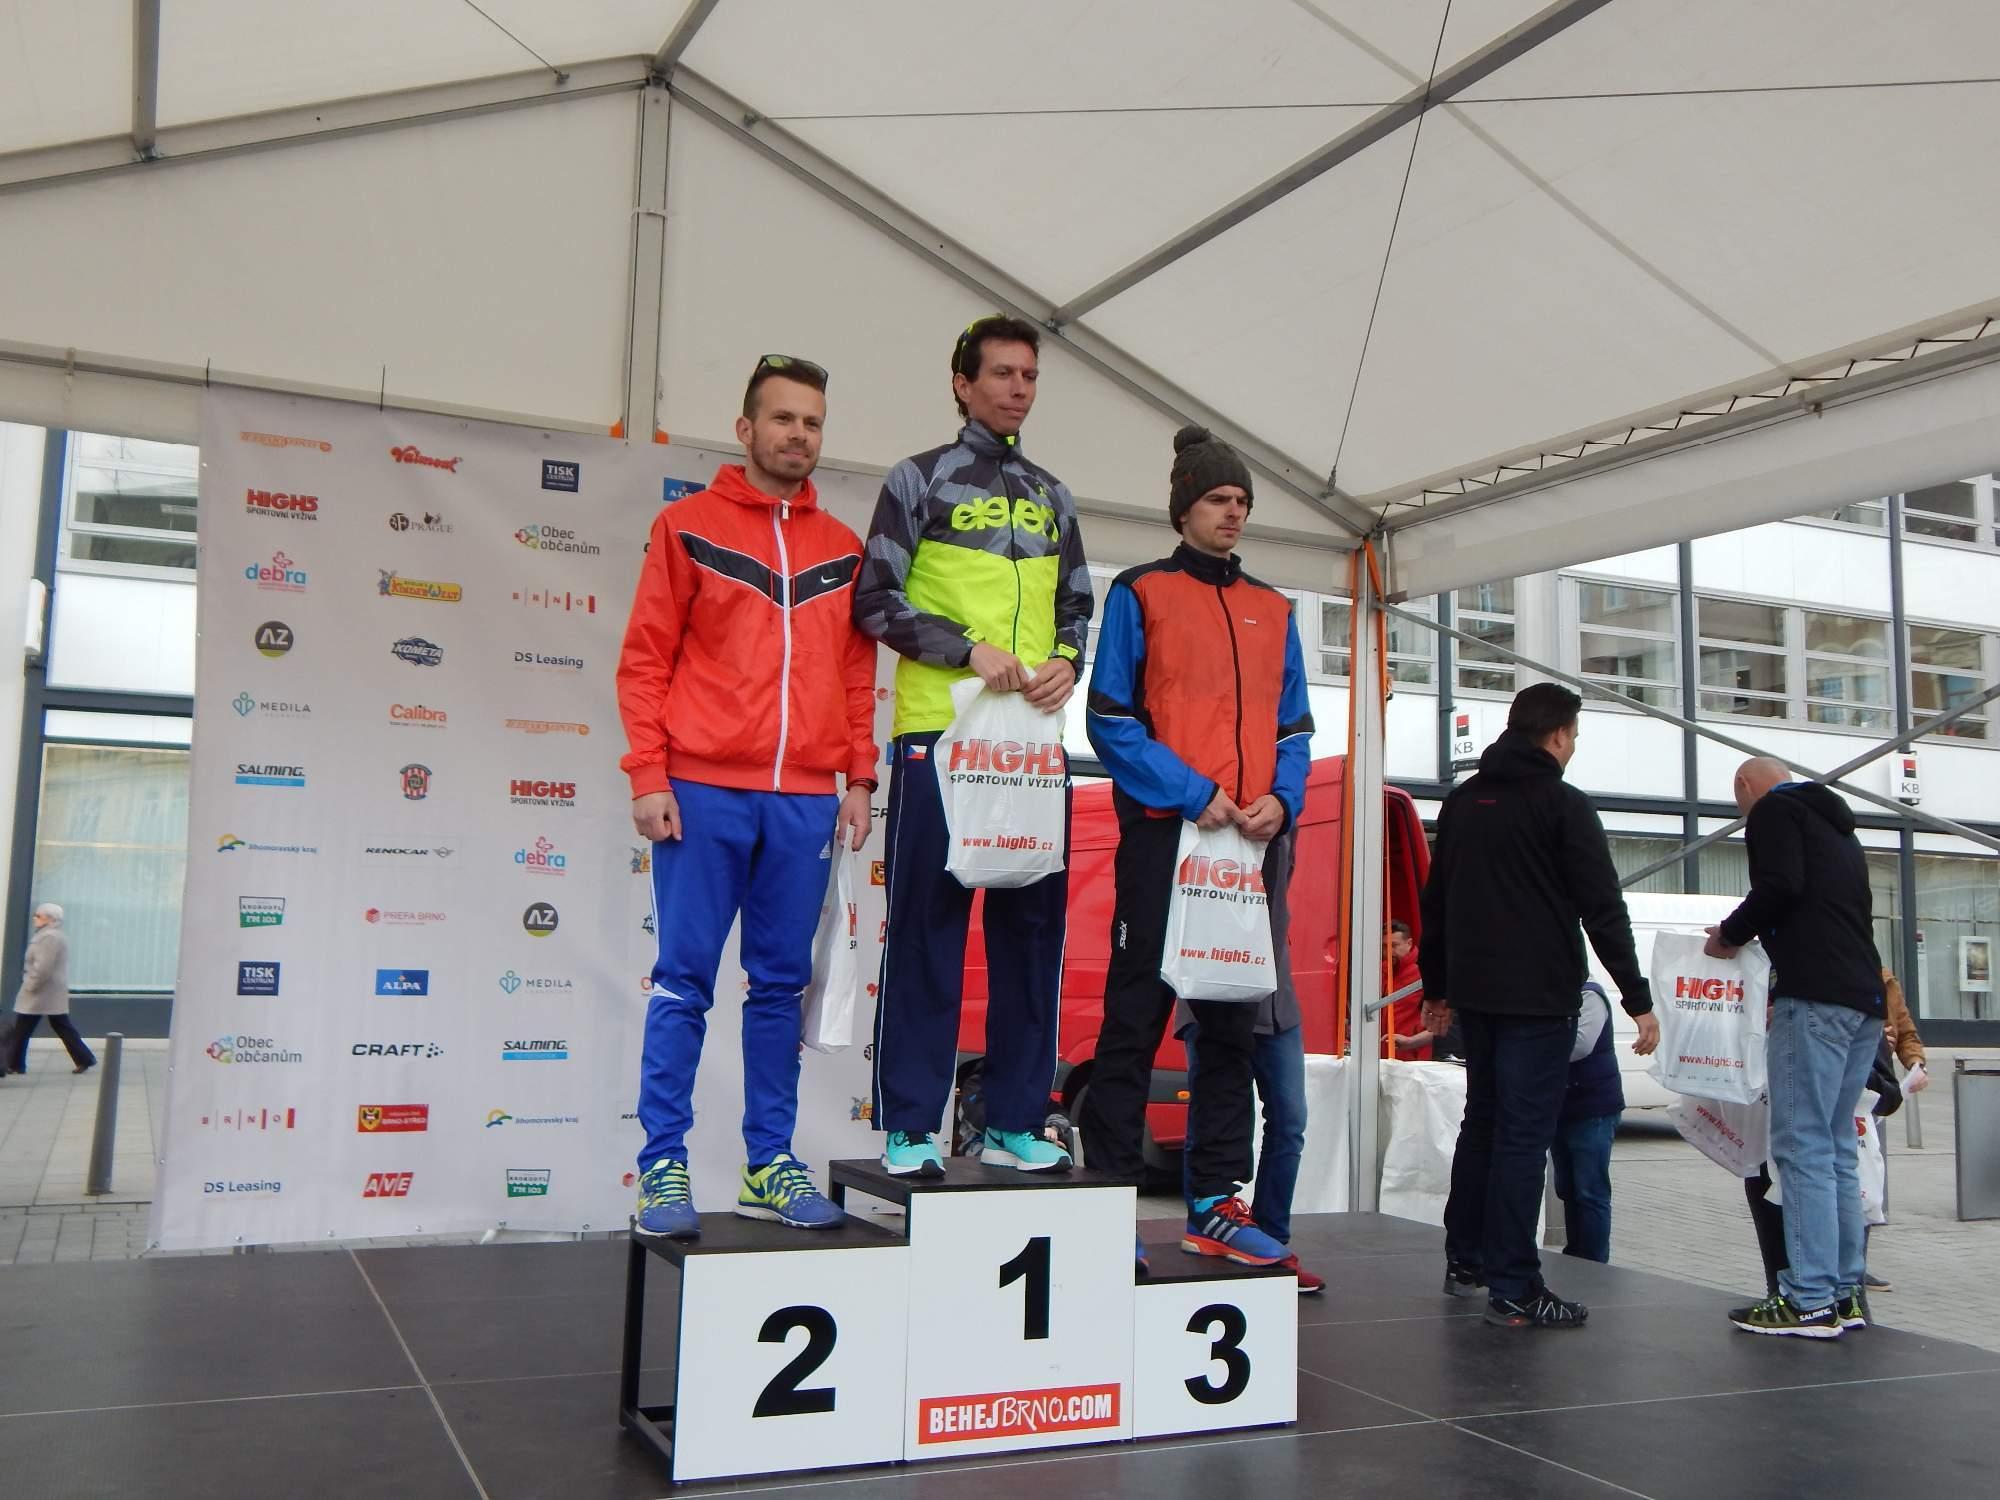 Tři nejrychlejší muži závodu na deset kilometrů obdrželi ceny Foto: Adam Lukůvka